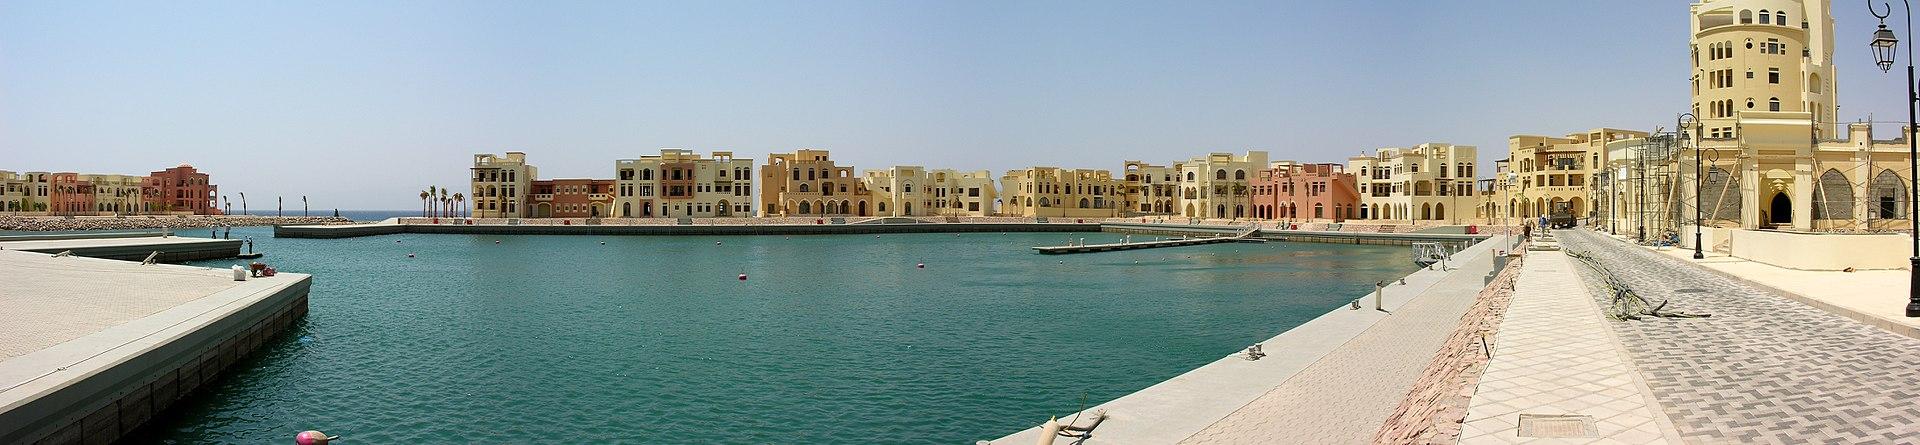 2005-08-17 Marina City, Aqaba, Jordanien 02.jpg